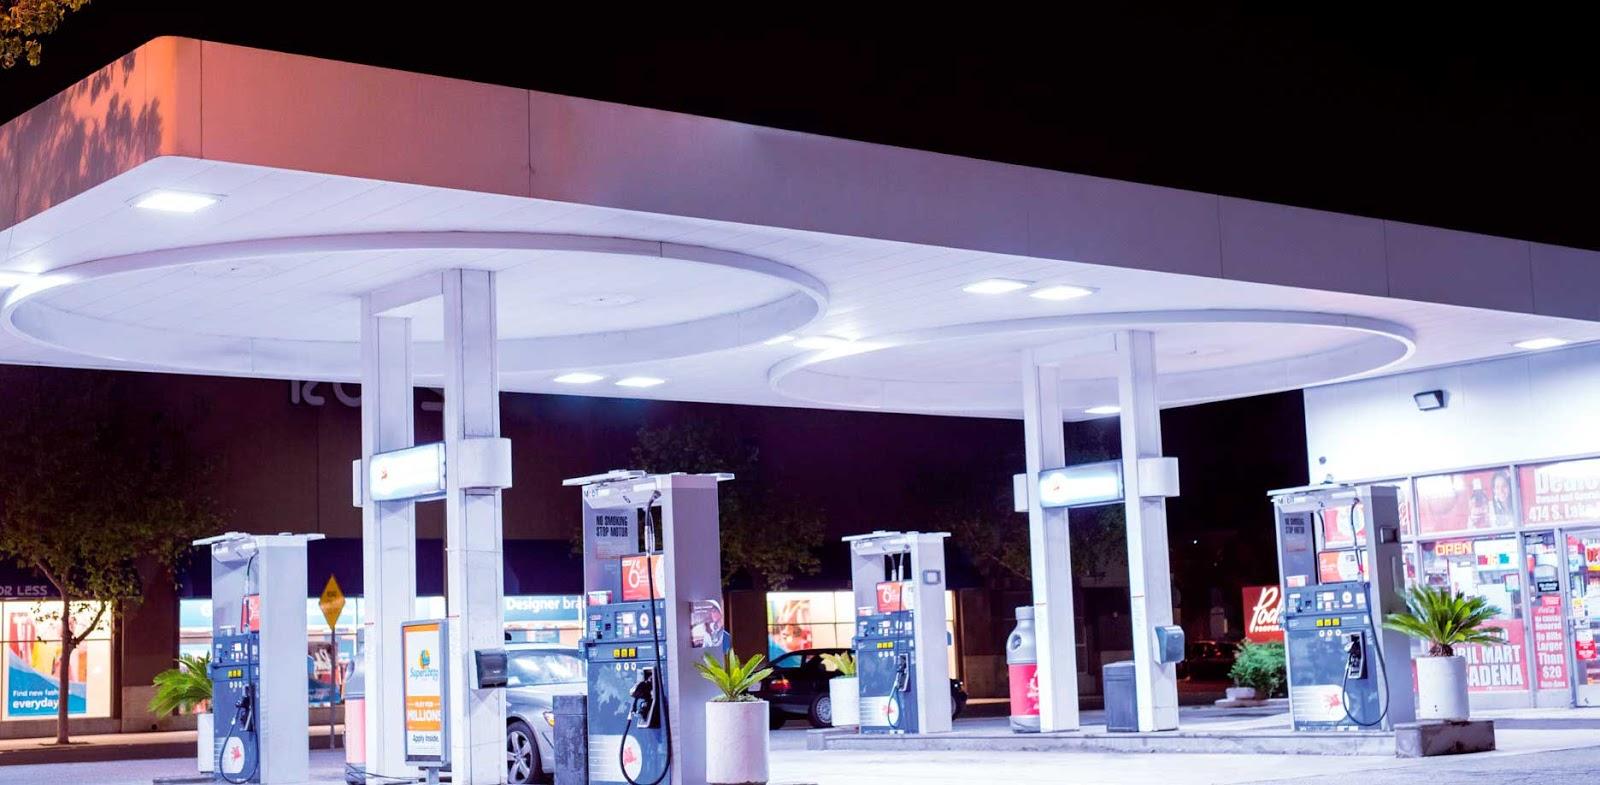 Instalaciones eléctricas residenciales - Gasolinera